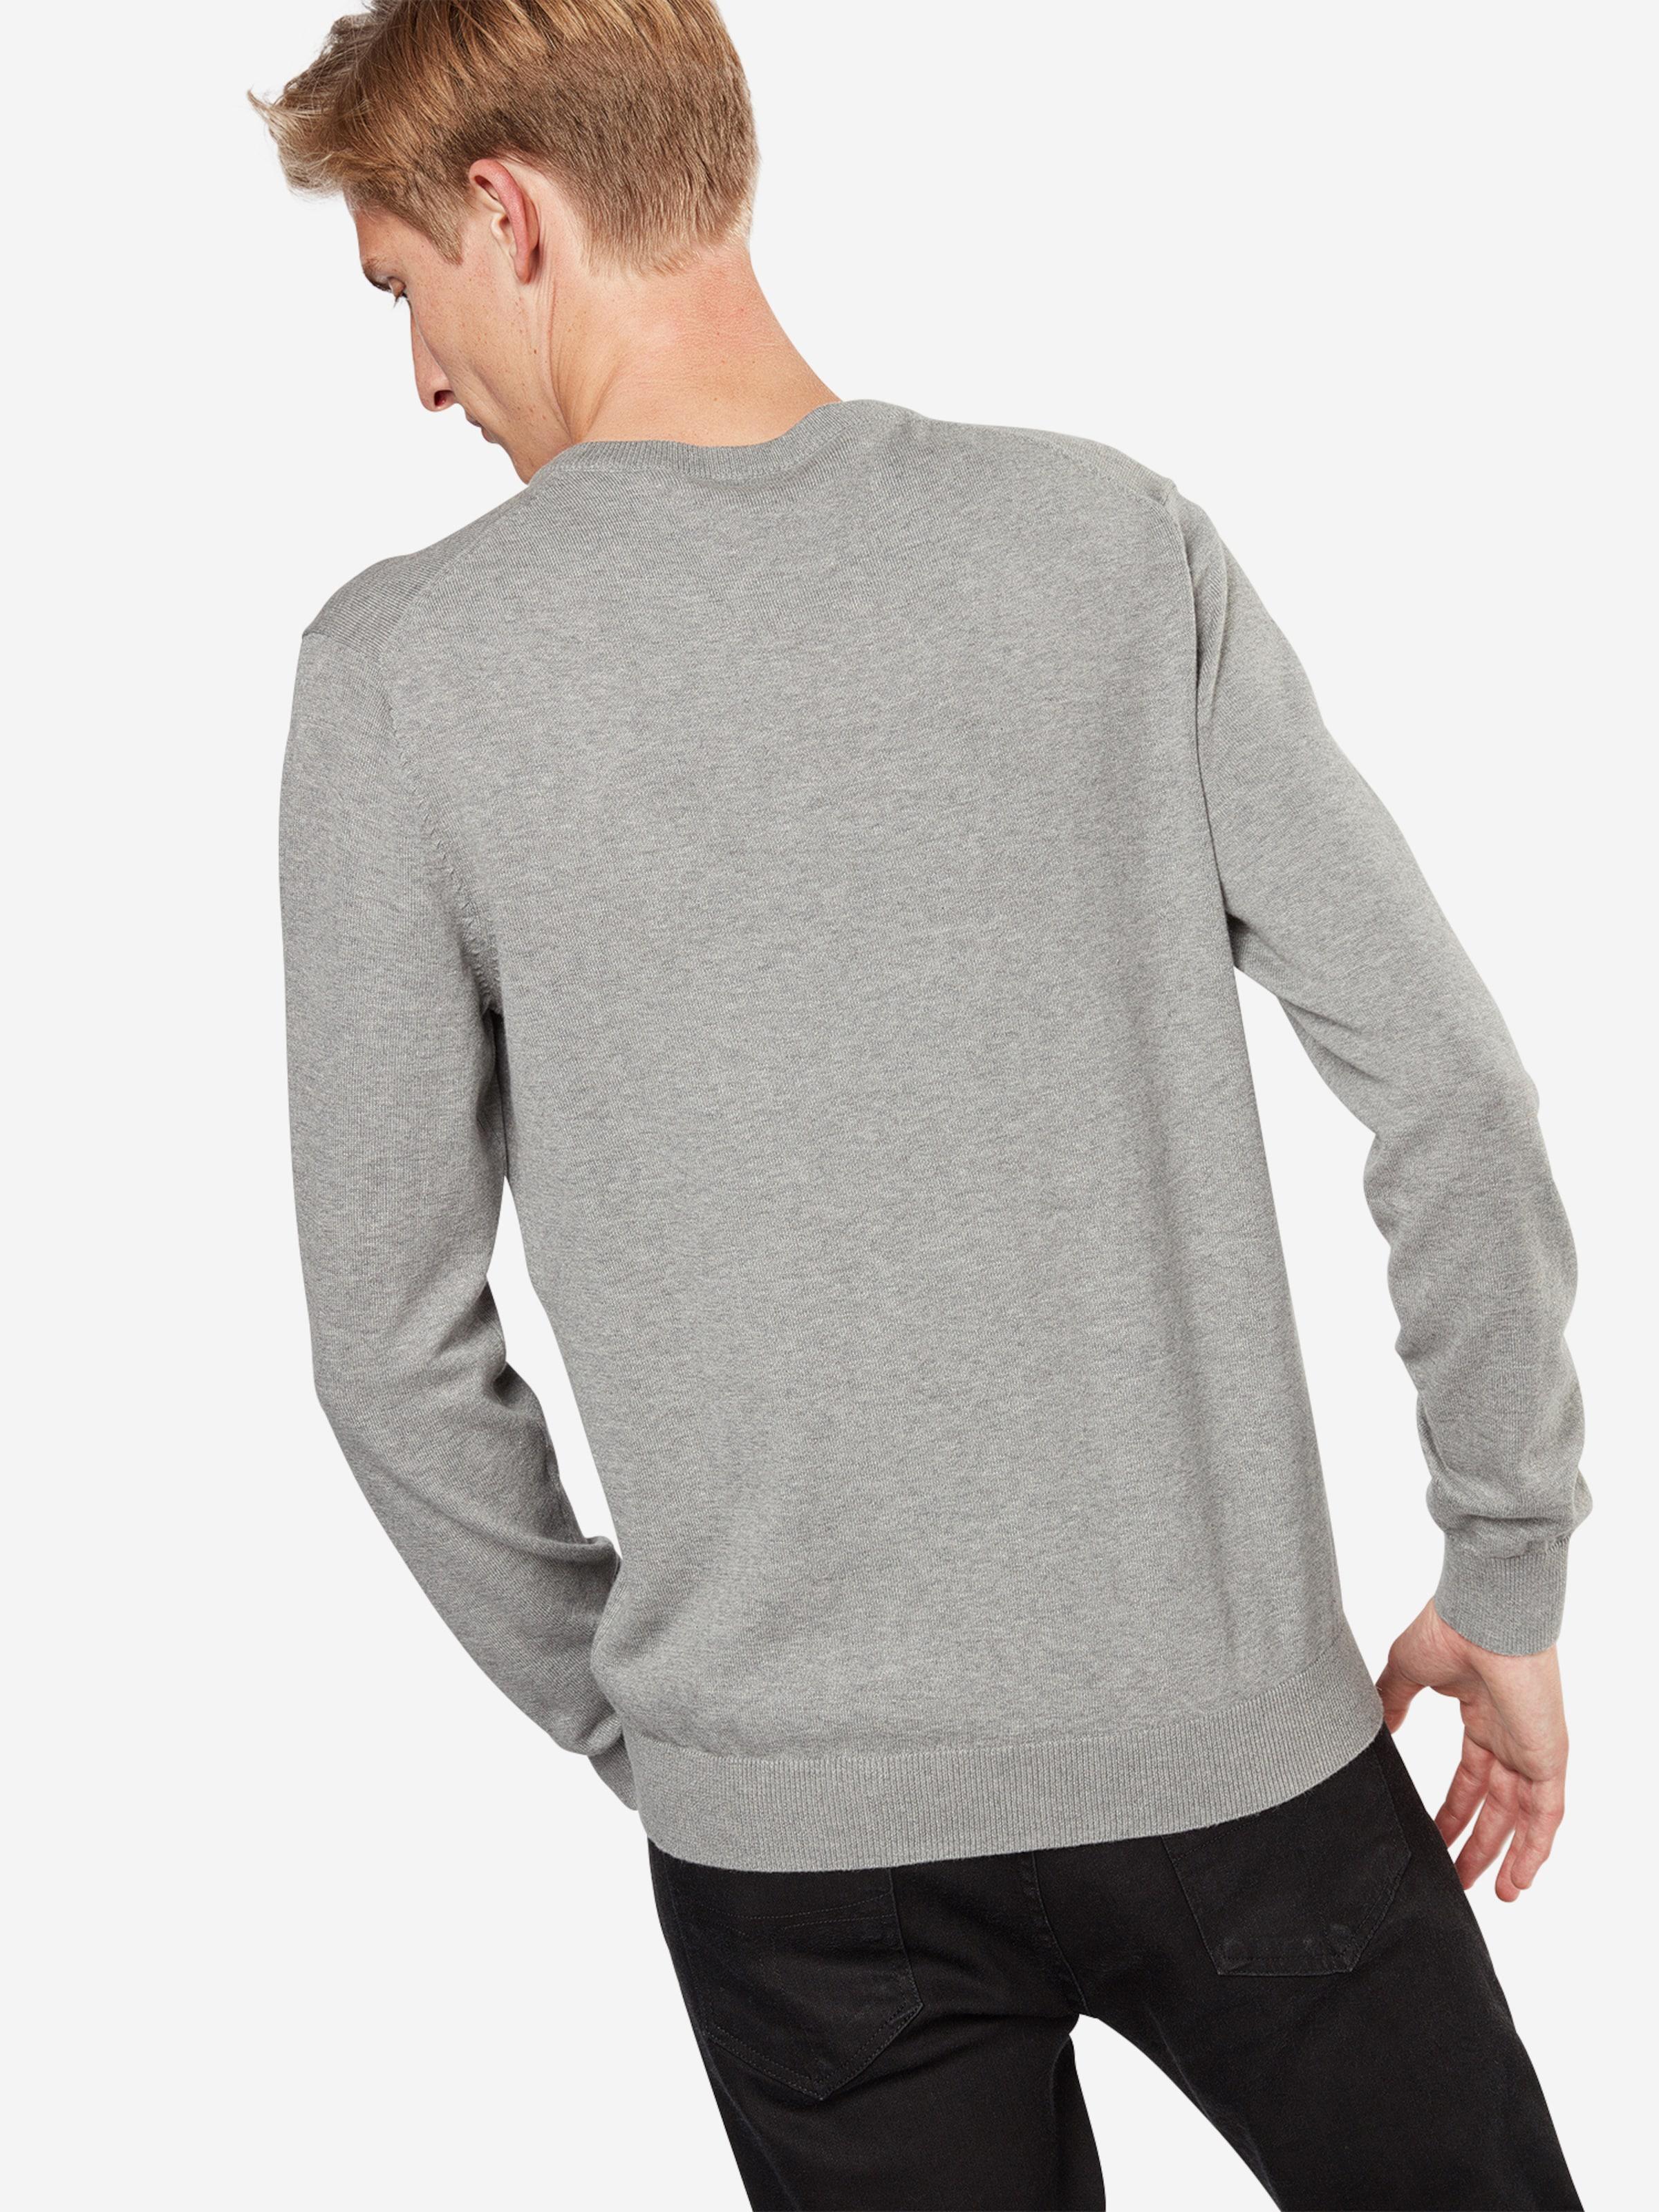 V Grau 'basic Pullover nk' Esprit Co In y7Ybf6gv